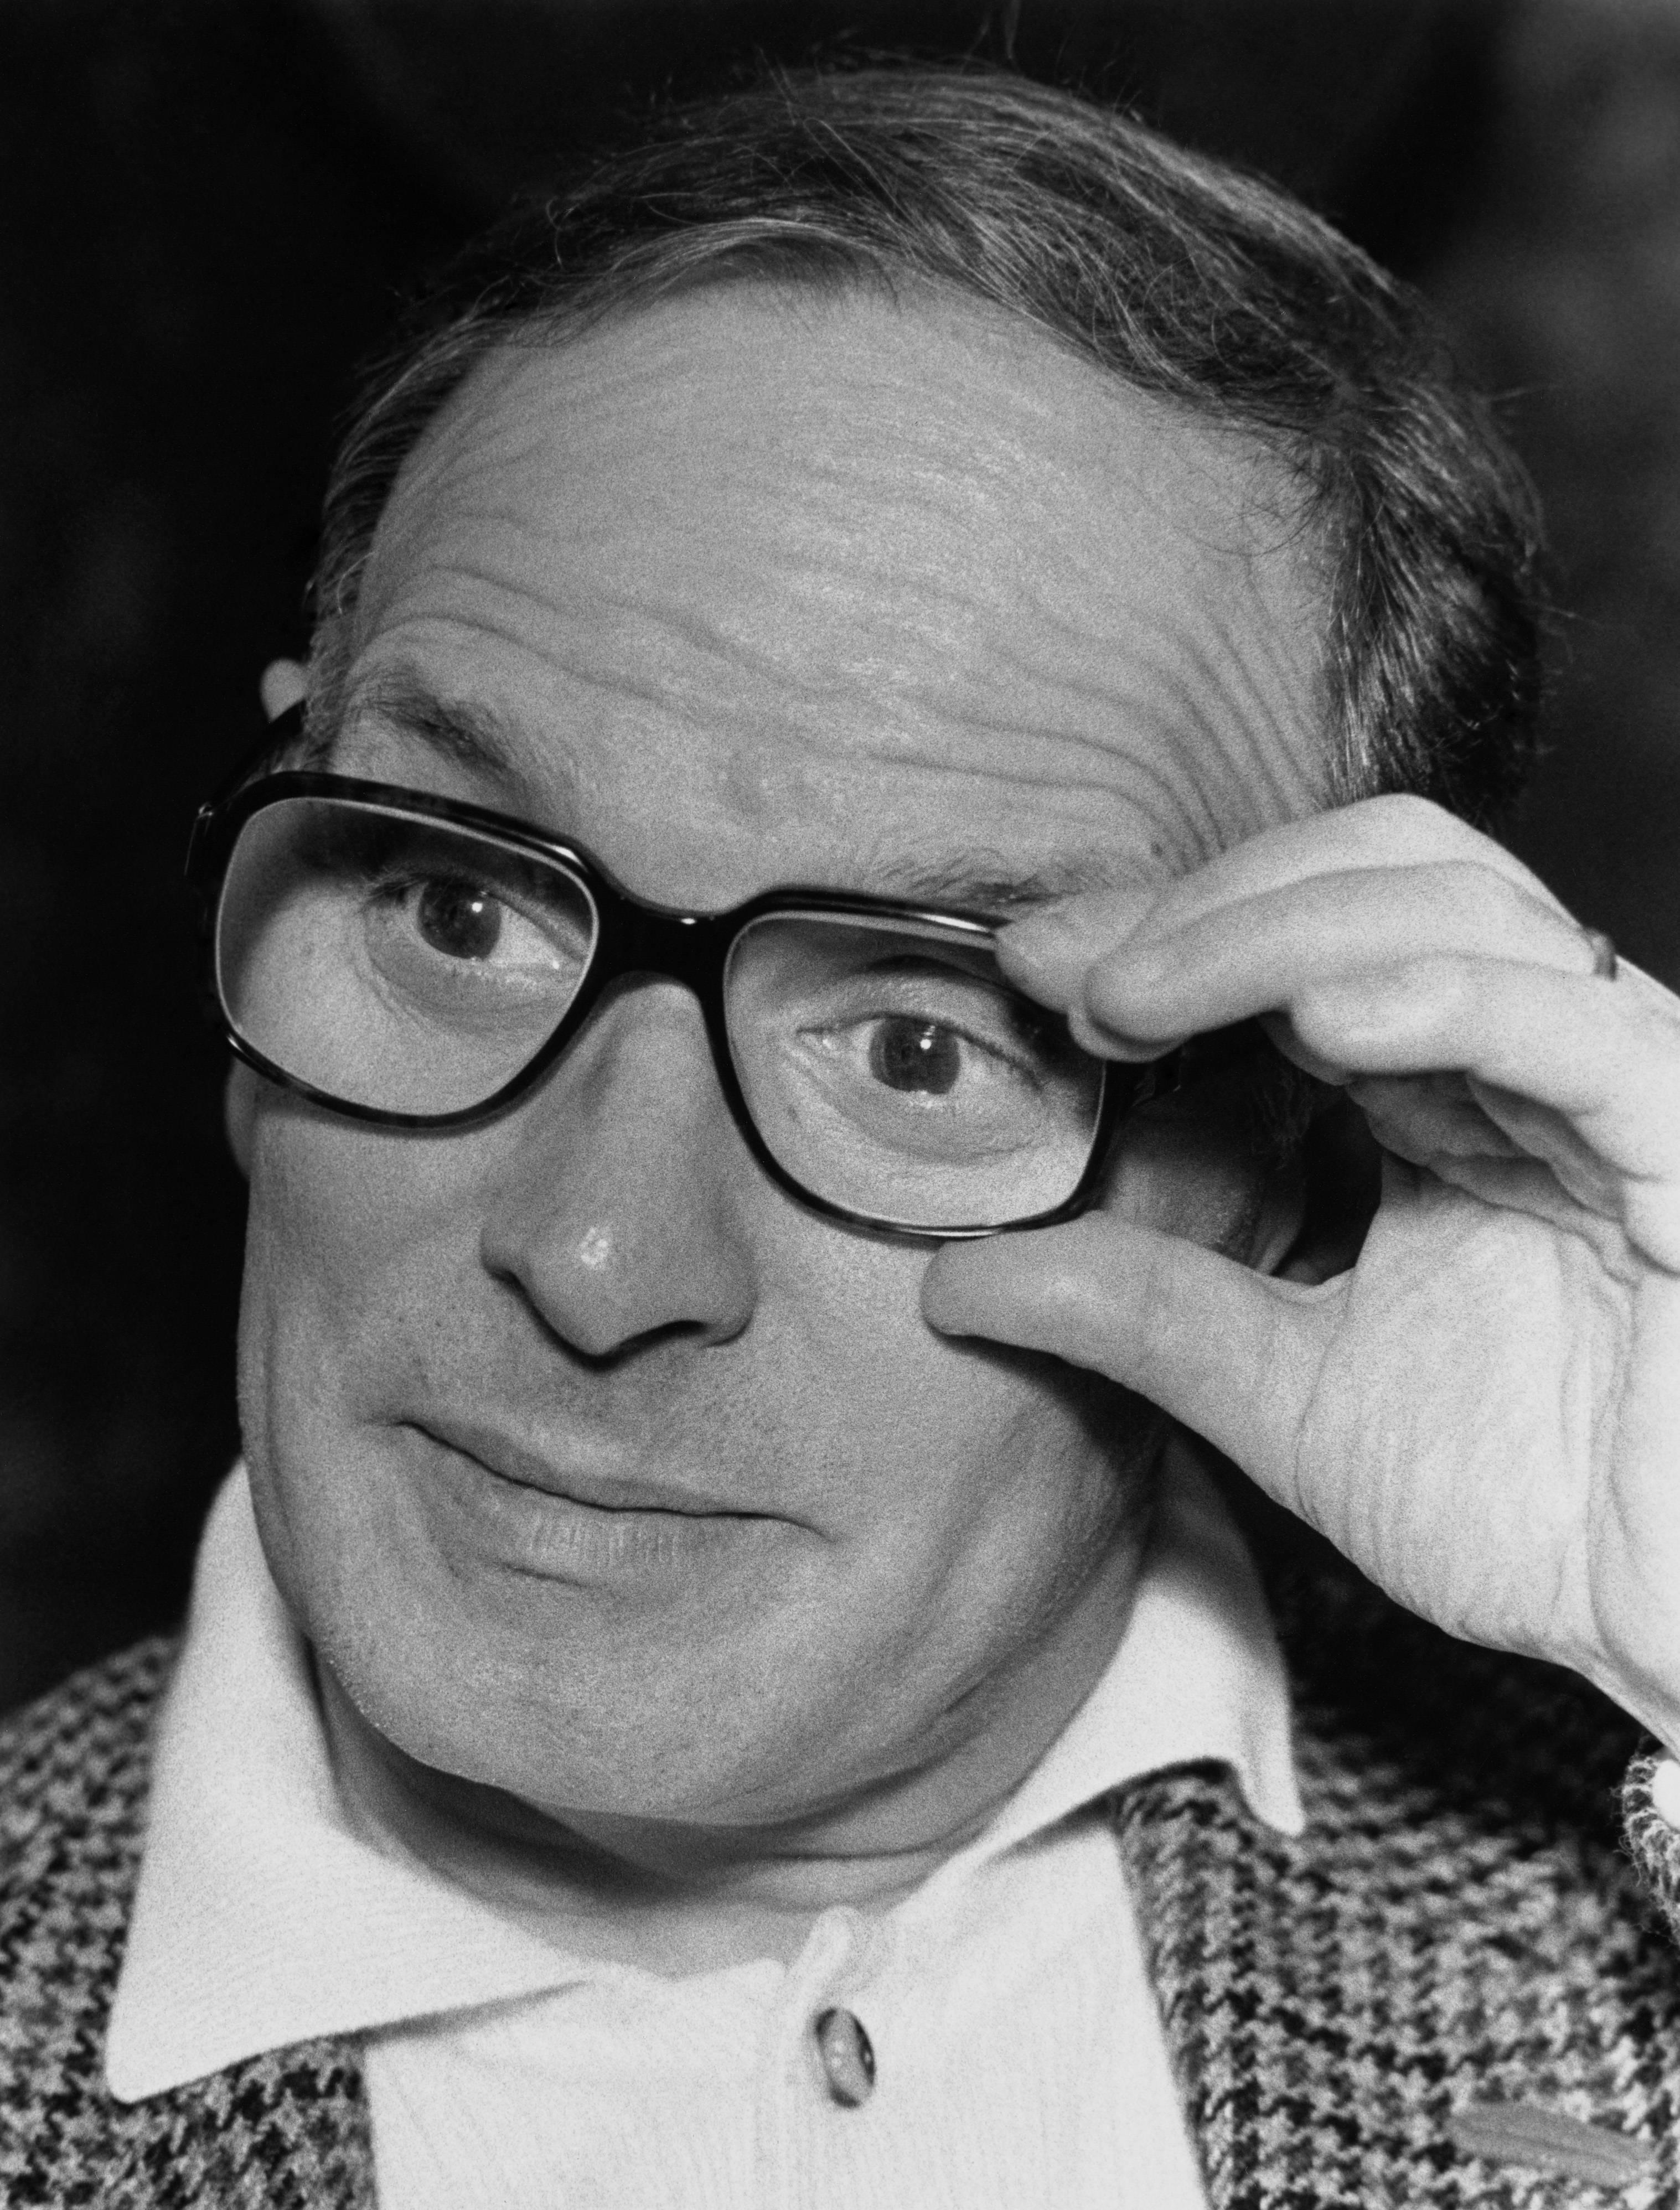 意大利作曲大师埃尼奥·莫里康内去世,享年91岁_意大利新闻_意大利中文网